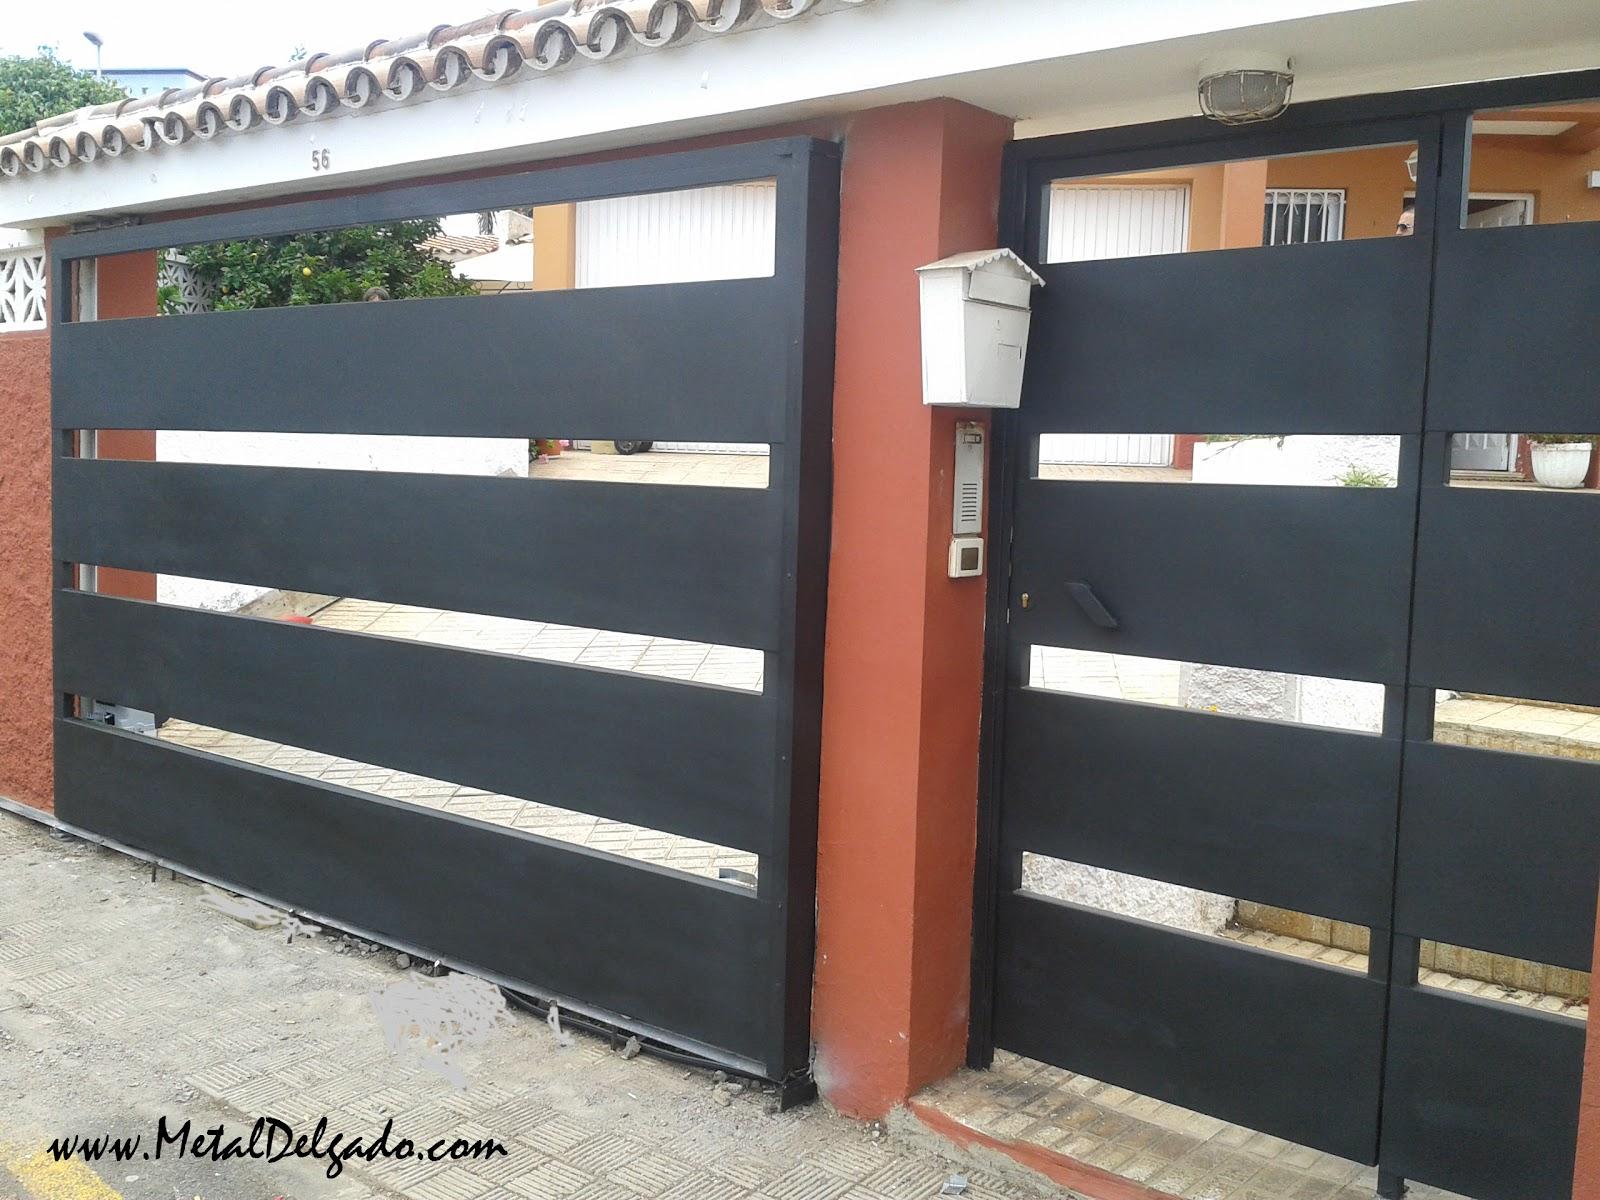 Acero inoxidable tenerife puertas corredera met licas for Puertas corredizas metalicas